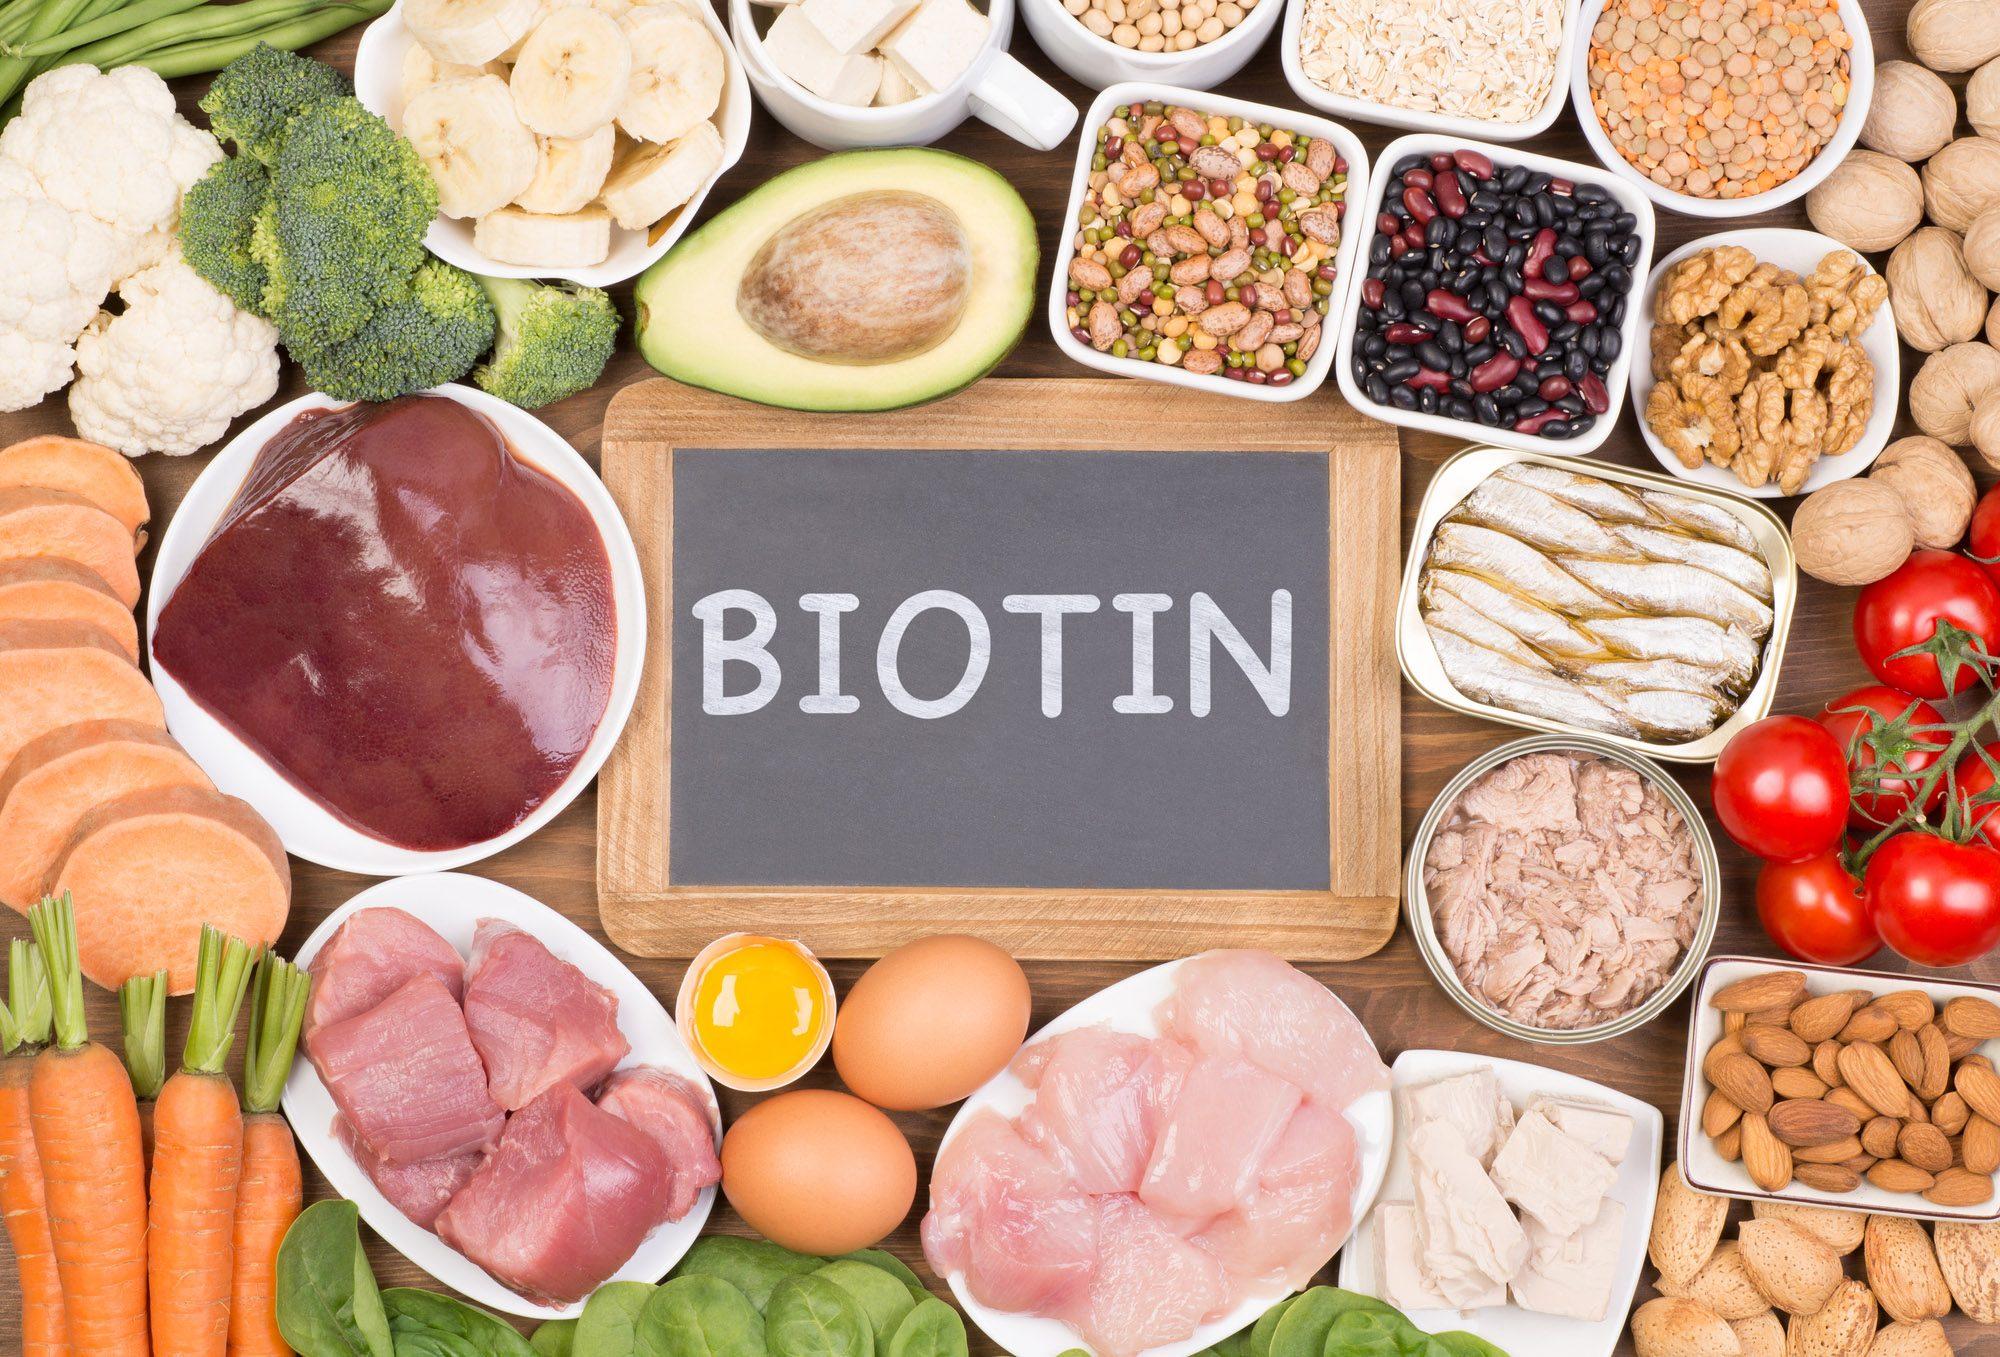 Biotinhaltige Lebensmittel: Die Top 10 Lebensmittel mit Biotin